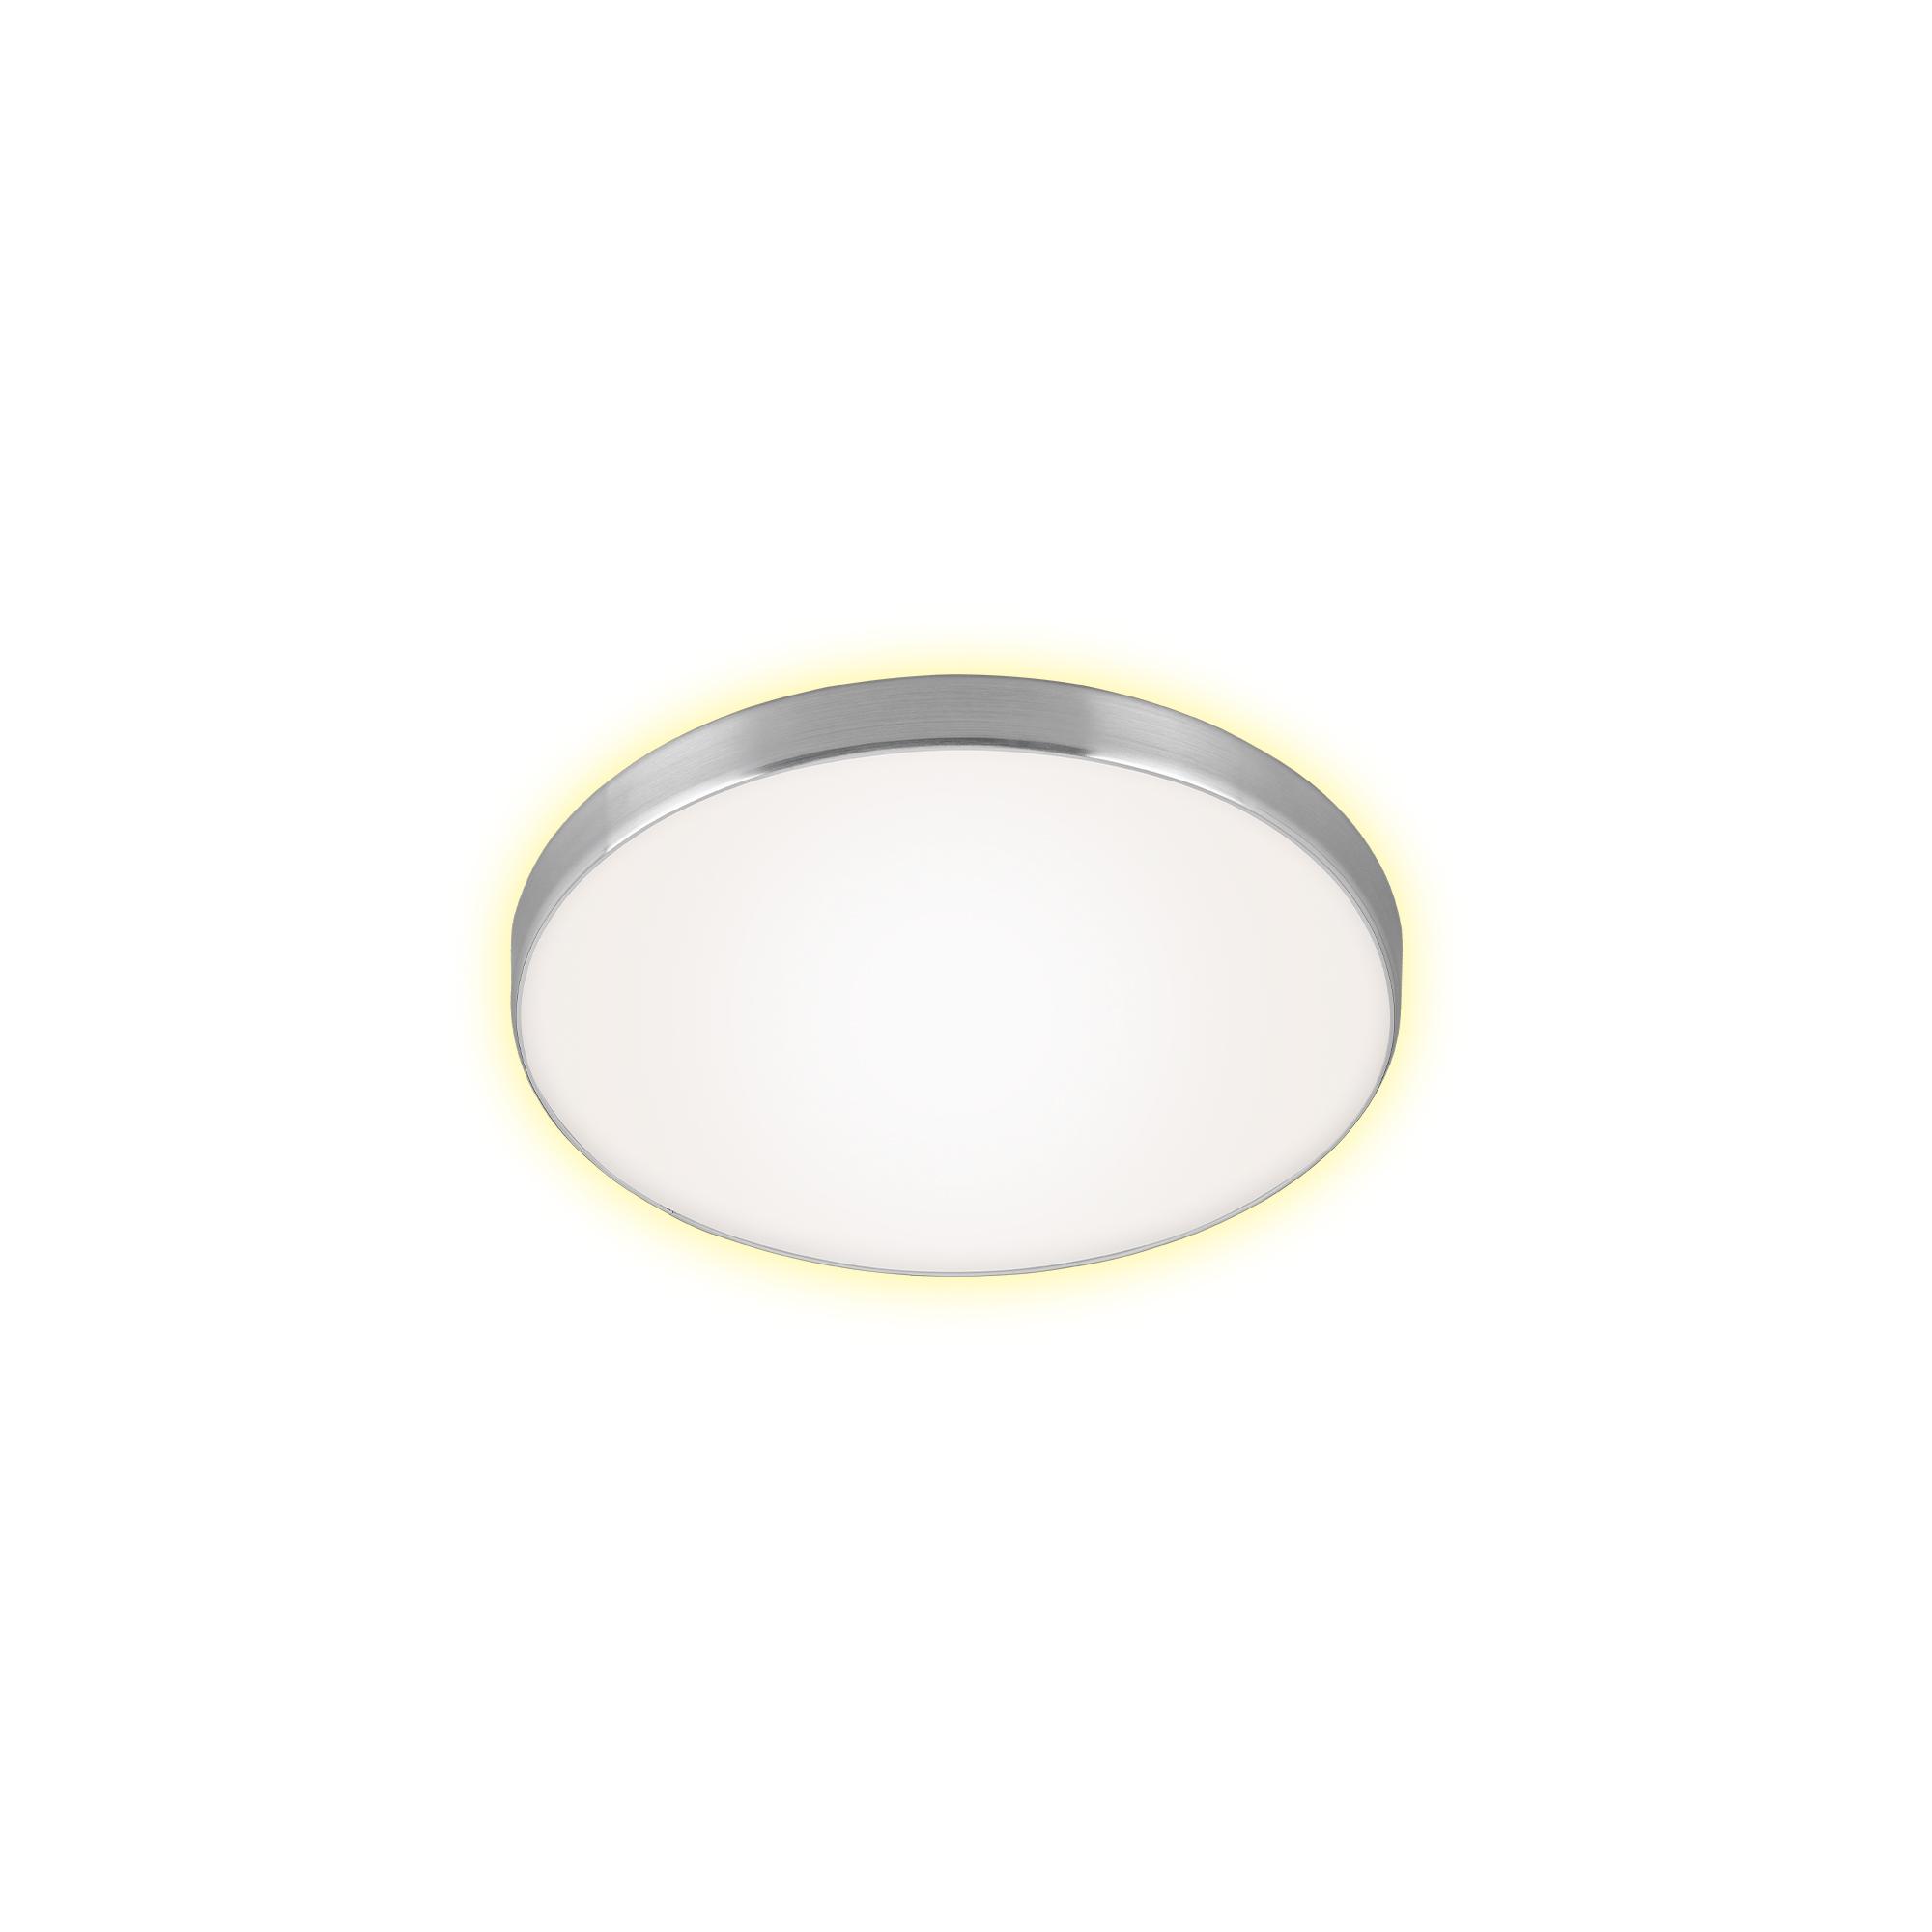 LED Deckenleuchte, Ø 28,5 cm, 12 W, Alu-Weiß